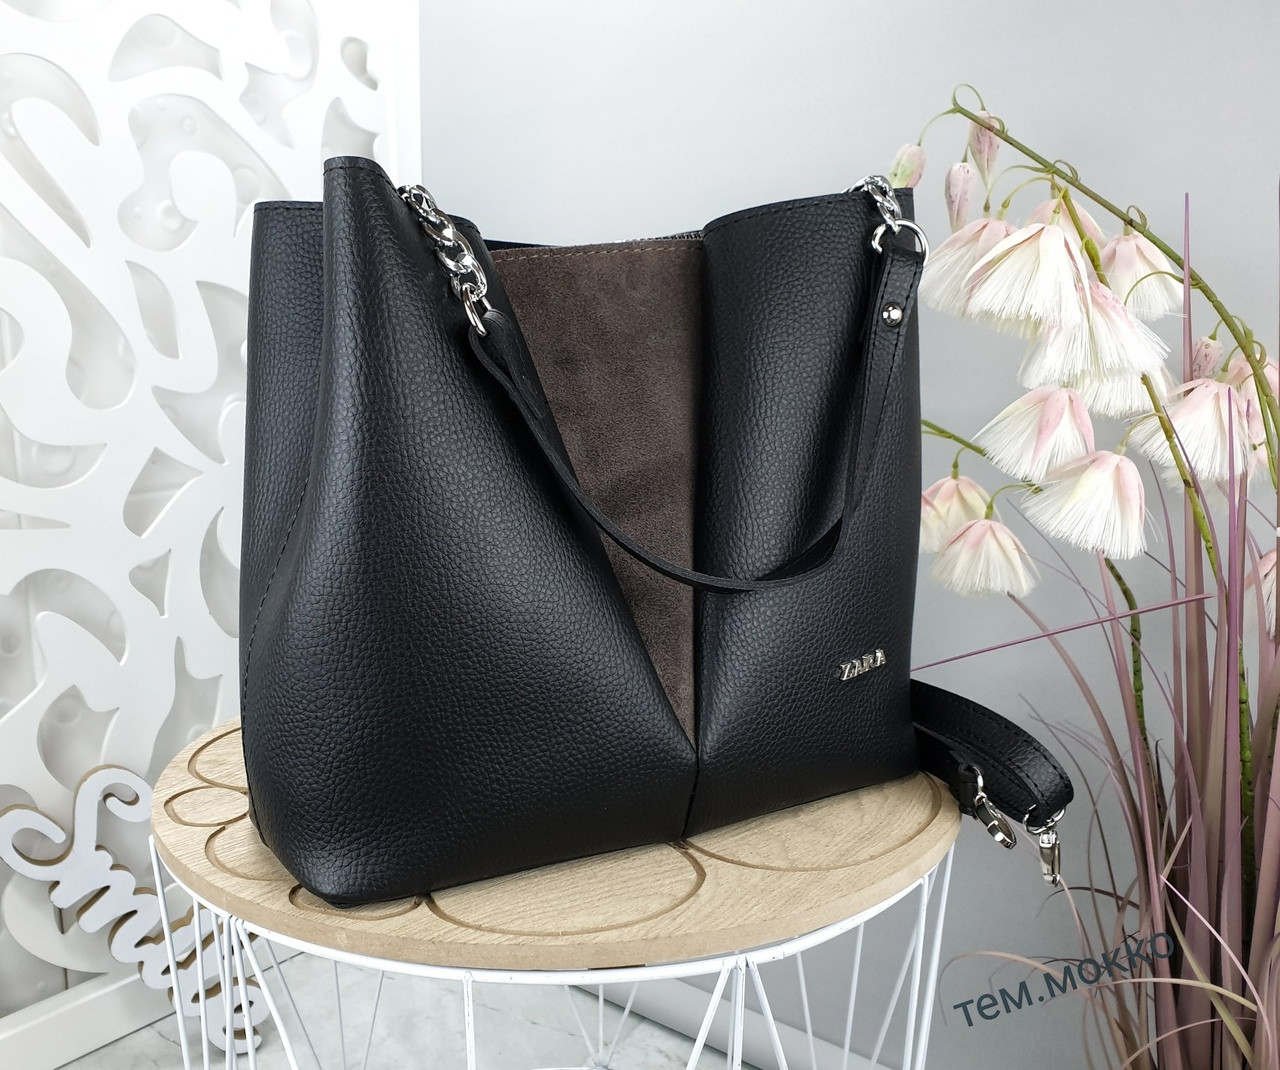 Женская сумка черного цвета, структурная эко-кожа+натуральный замш (под бренд)